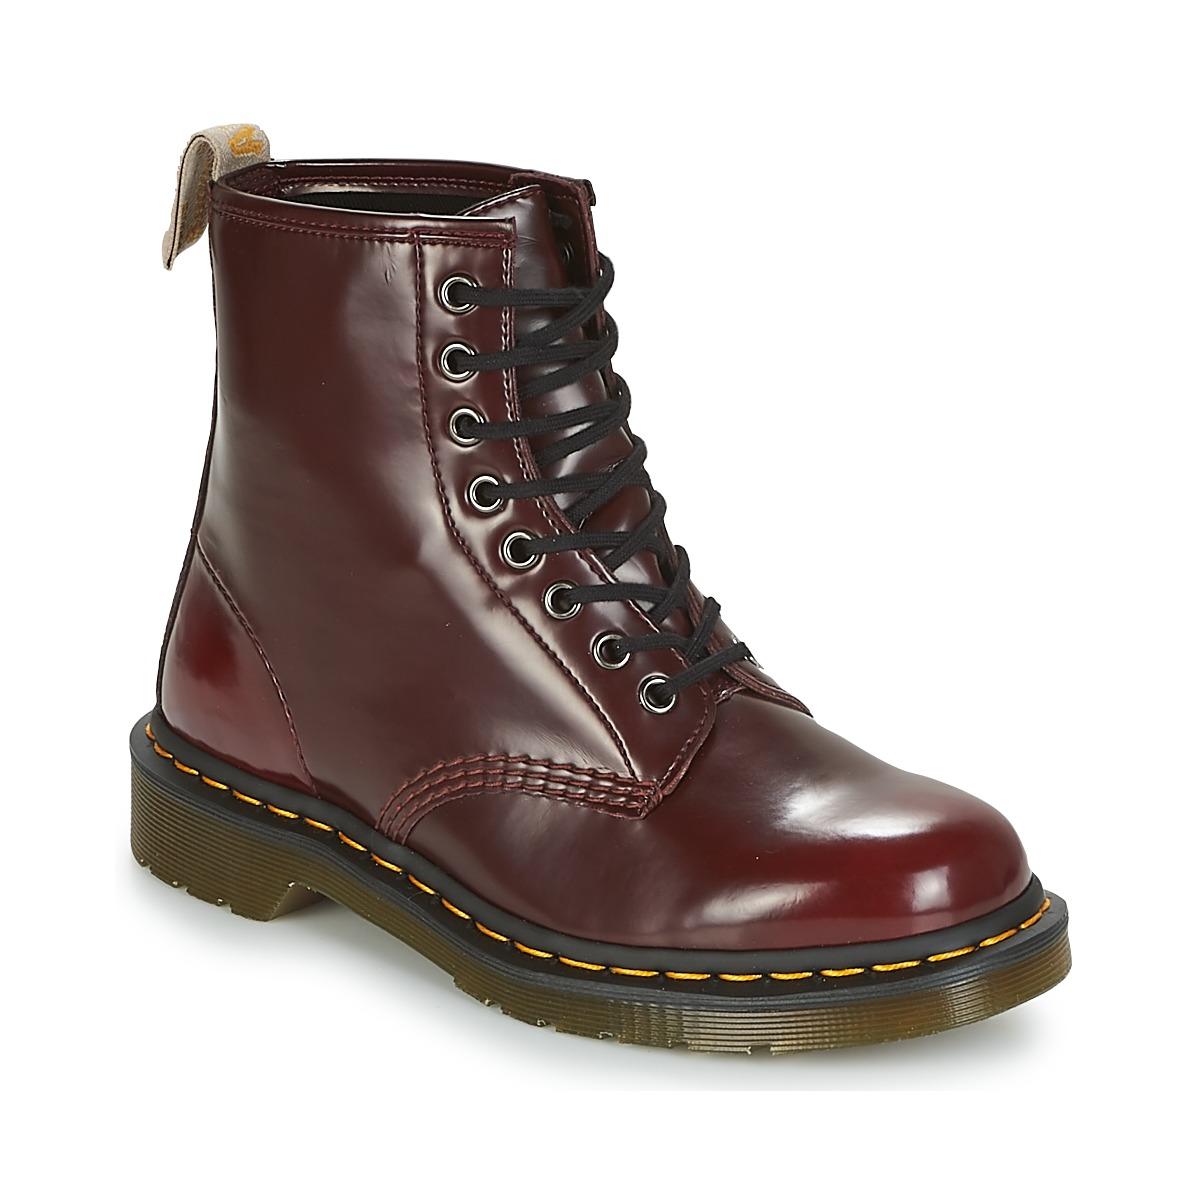 Dr Martens VEGAN 1460 Rot - Kostenloser Versand bei Spartoode ! - Schuhe Boots  140,00 €